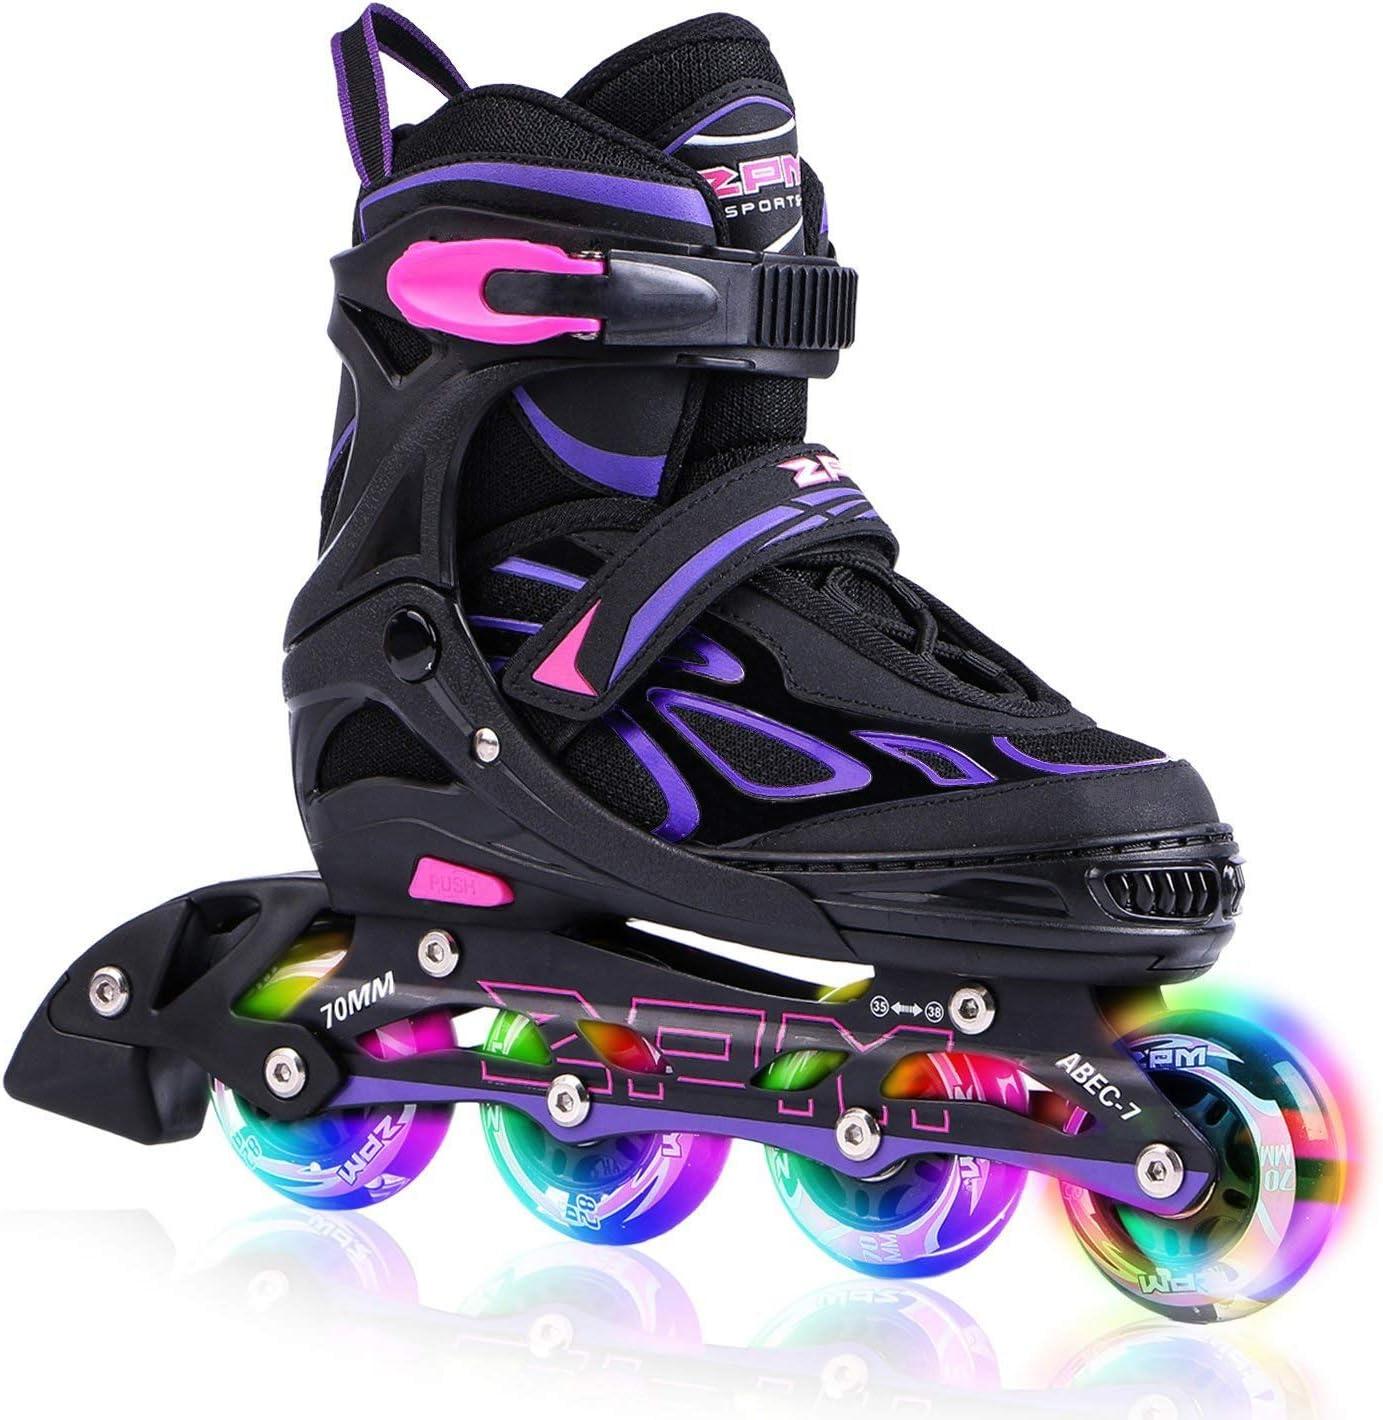 下午2点运动Vinal直排冰鞋